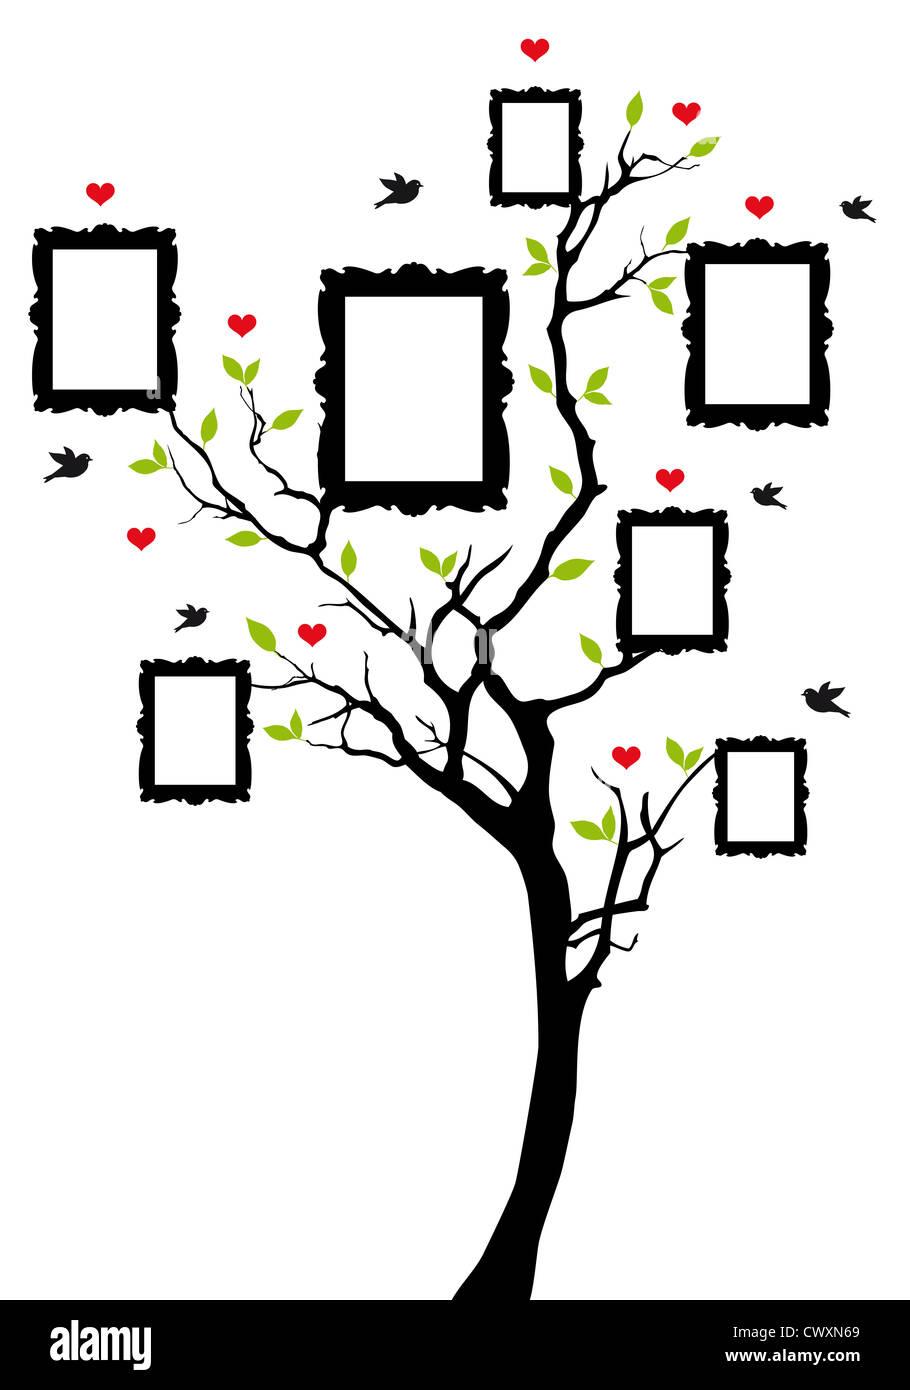 Stammbaum mit Bilderrahmen, Hintergrund illustration Stockfoto, Bild ...